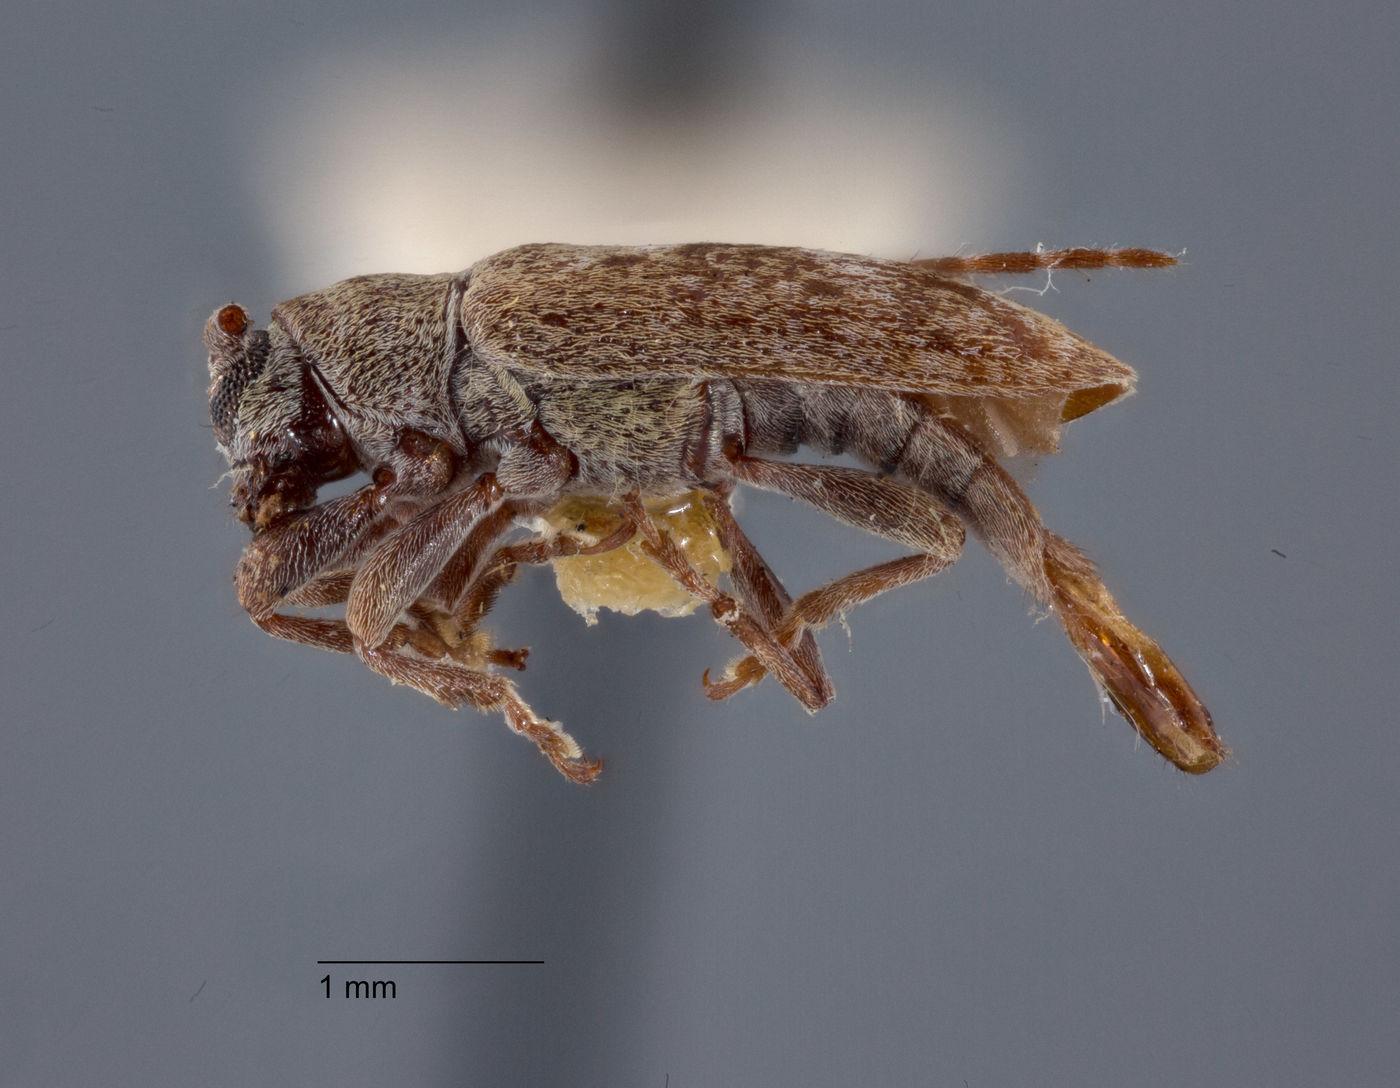 Sybra breuningi image